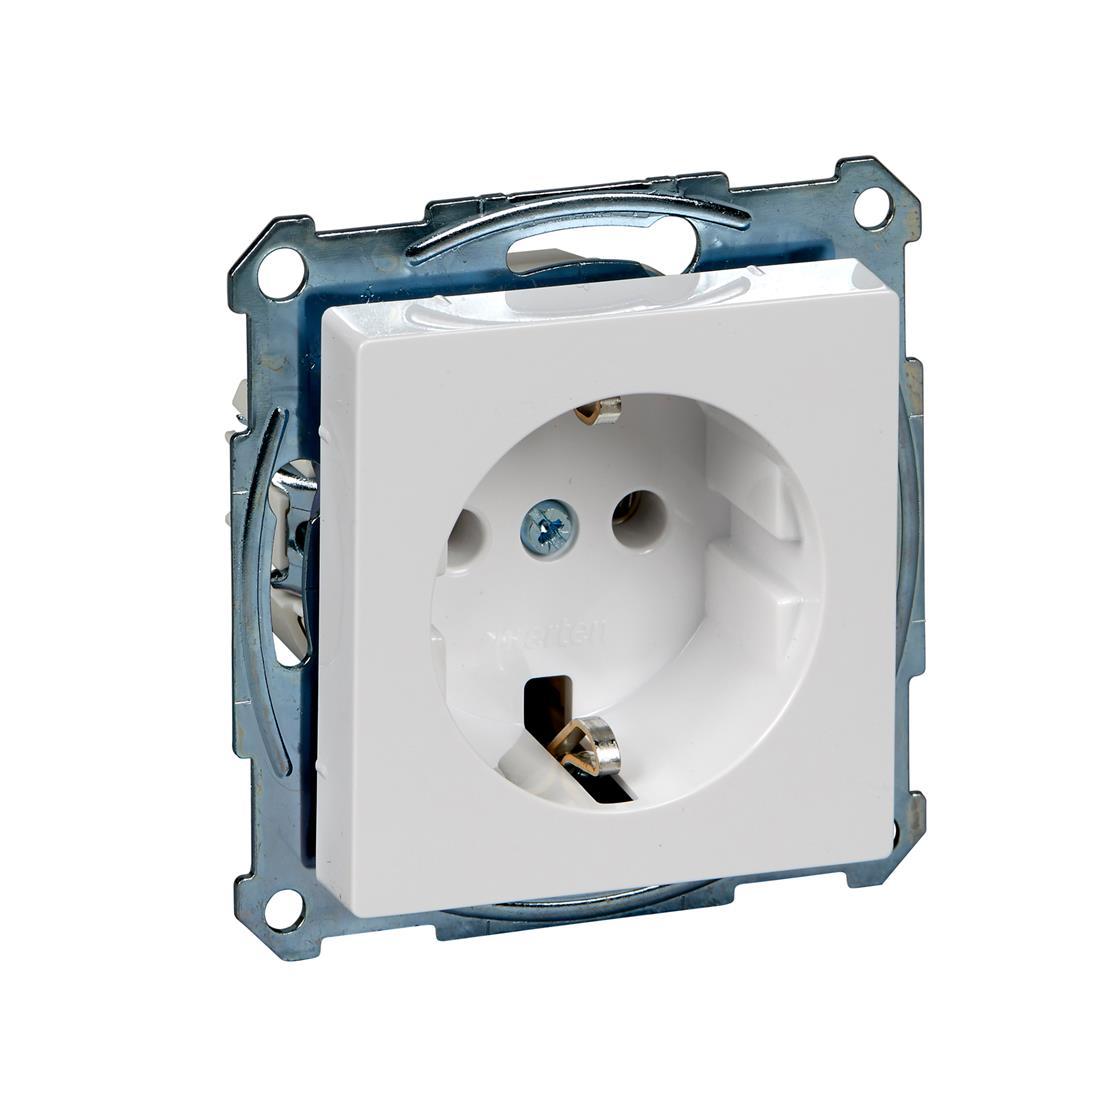 Schneider-Merten systeem M SCHUKO wandcontactdoos met steekklemmen - actief wit glanzend (MTN2301-0325)